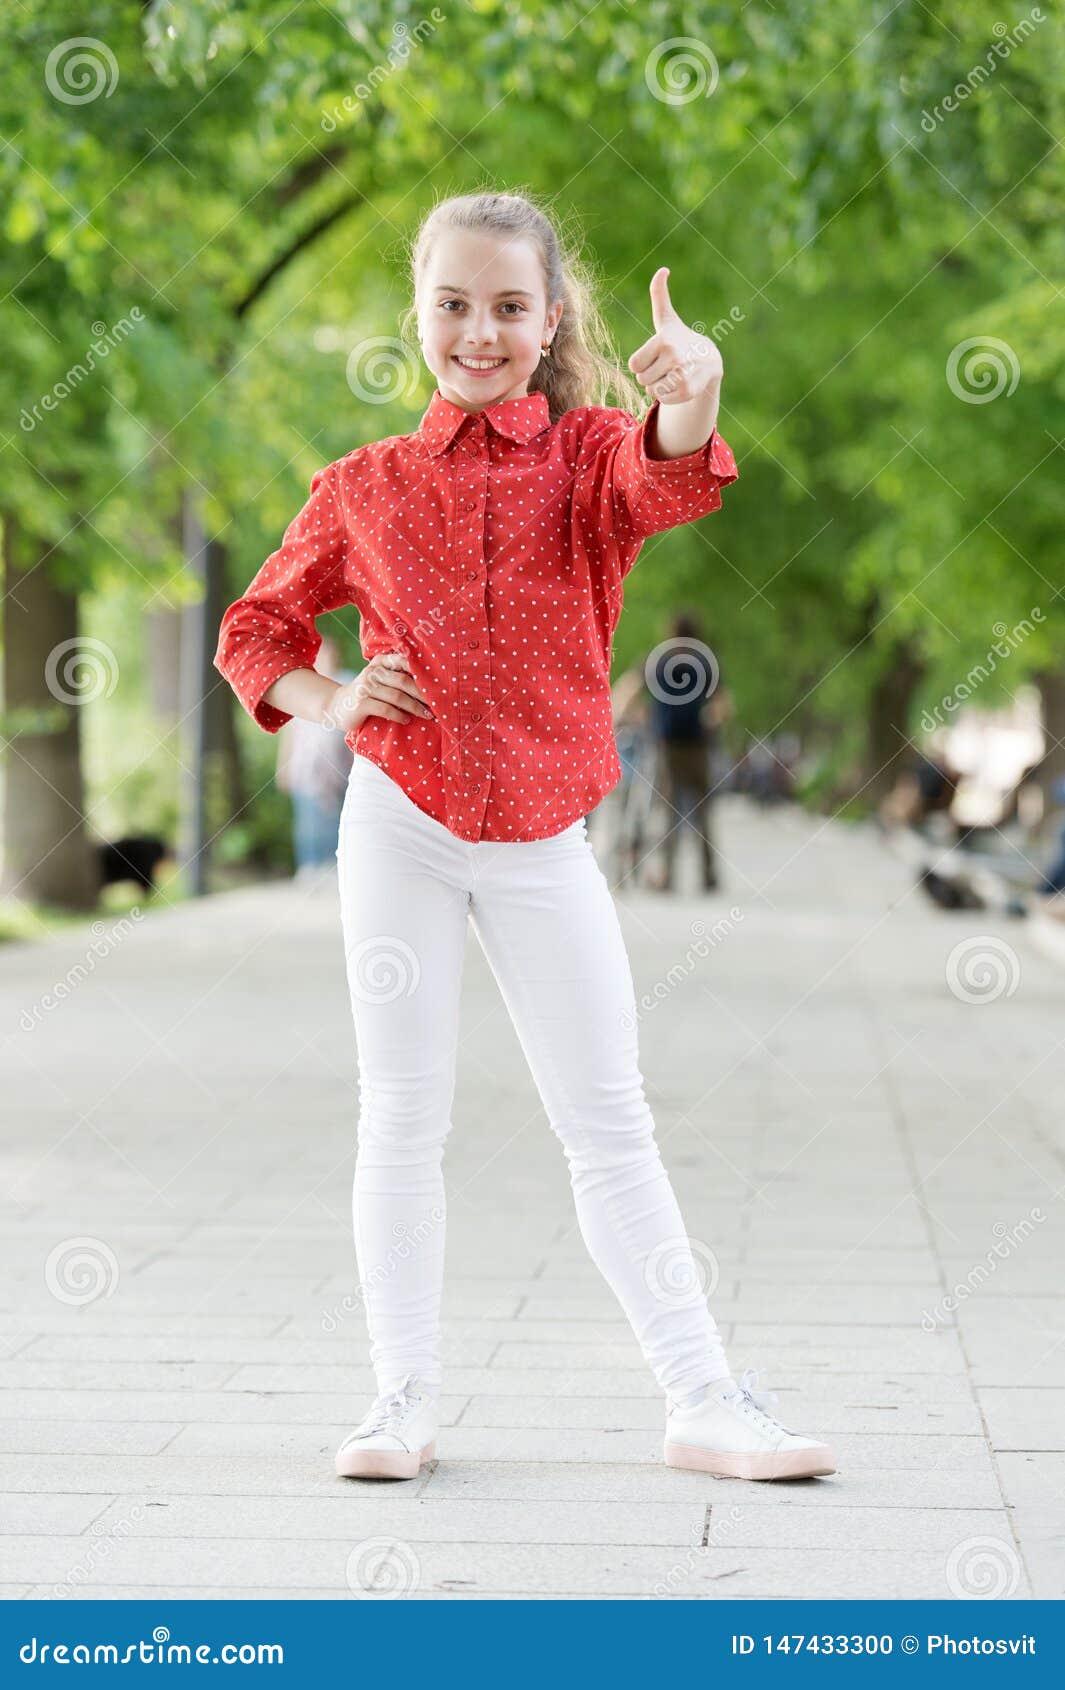 Weinig kind geniet van gang in park Weekendgang Meisjes onbezorgd kind Jong geitje die zonnige dag lopen De vakantie van de zomer